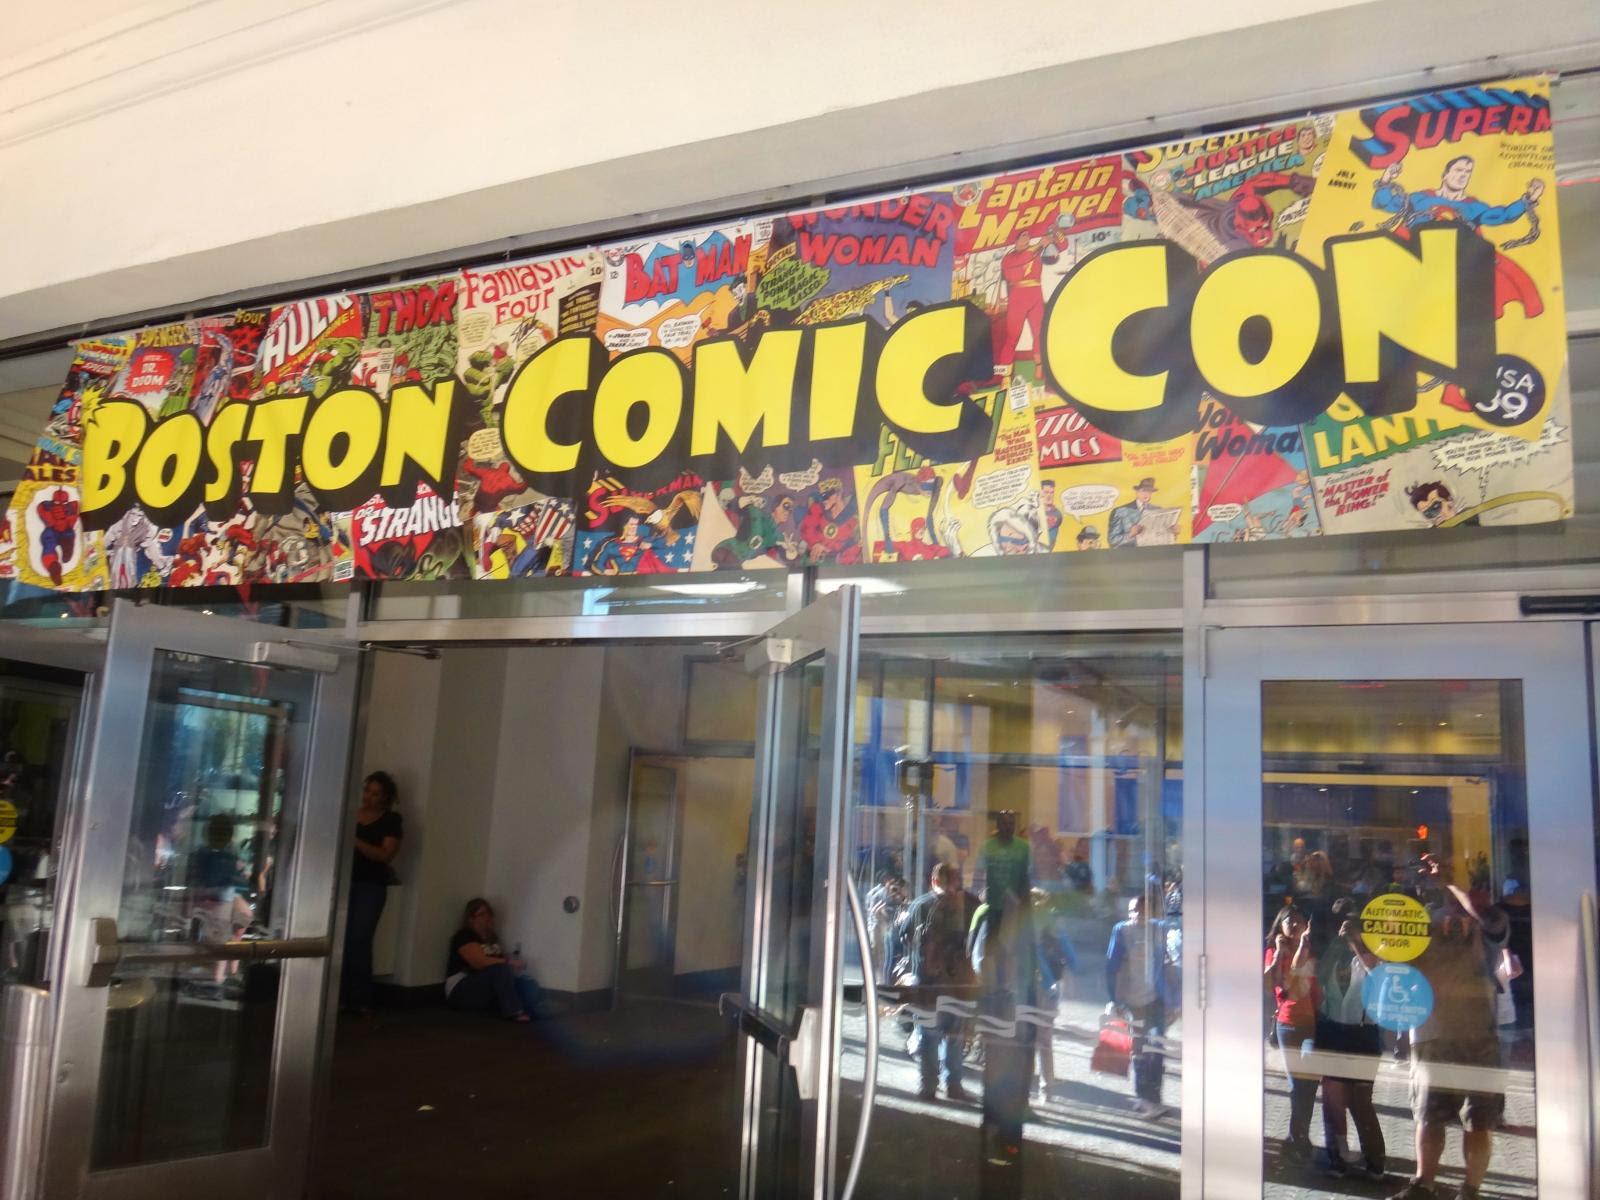 Boston Comic Con 2013